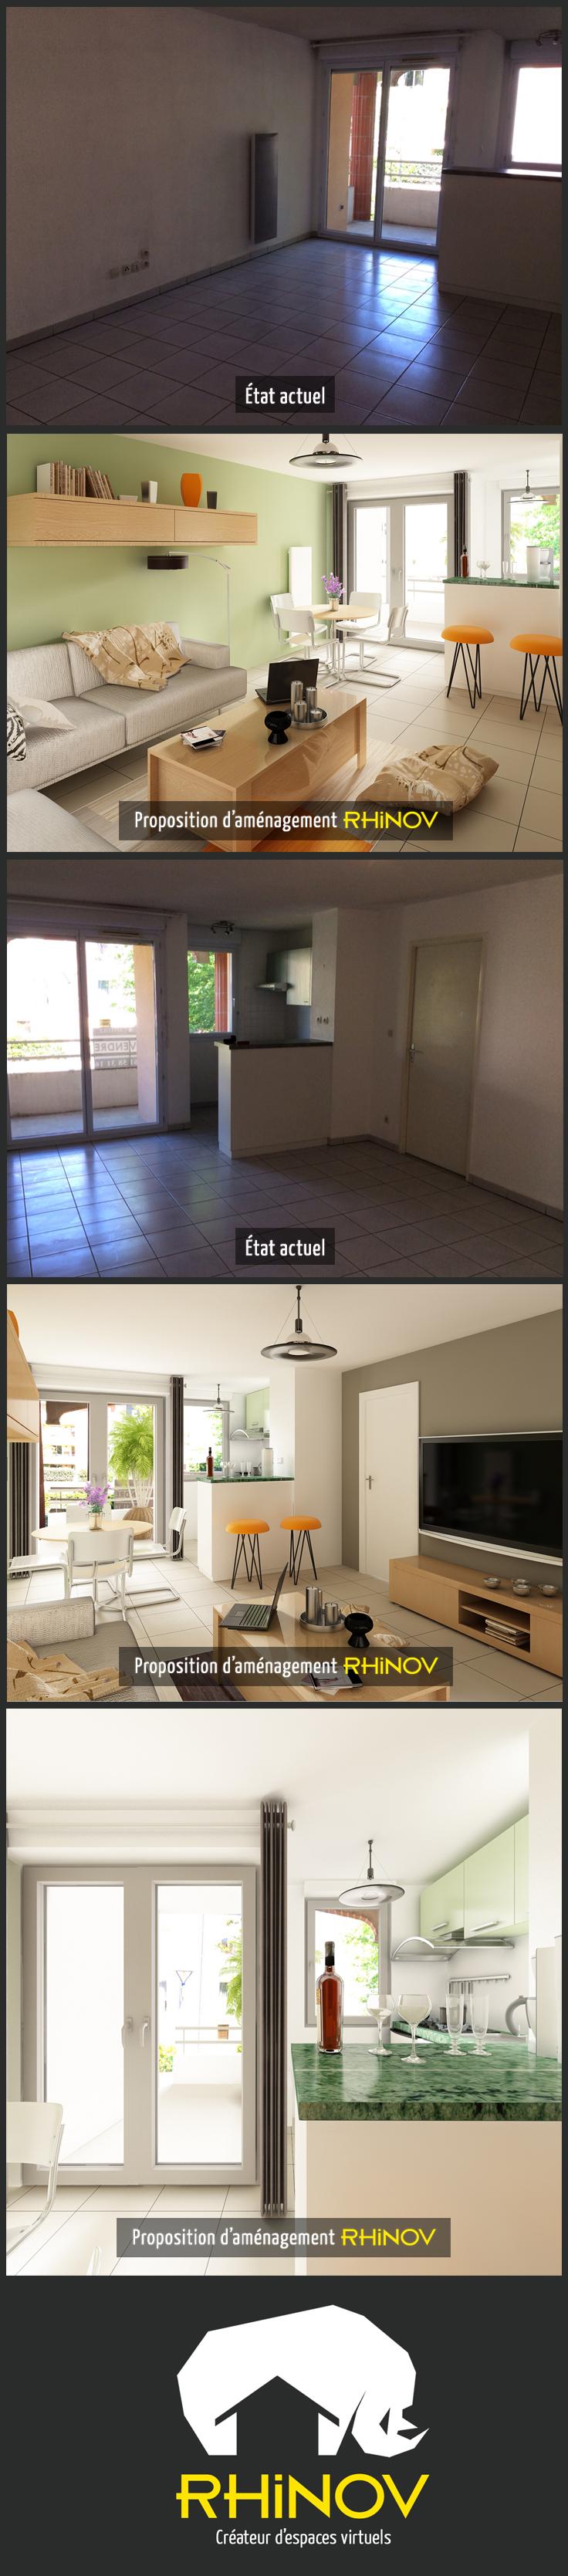 Rhinov Salle De Bain ~ projet de d coration d un appartement dans la haute garonne